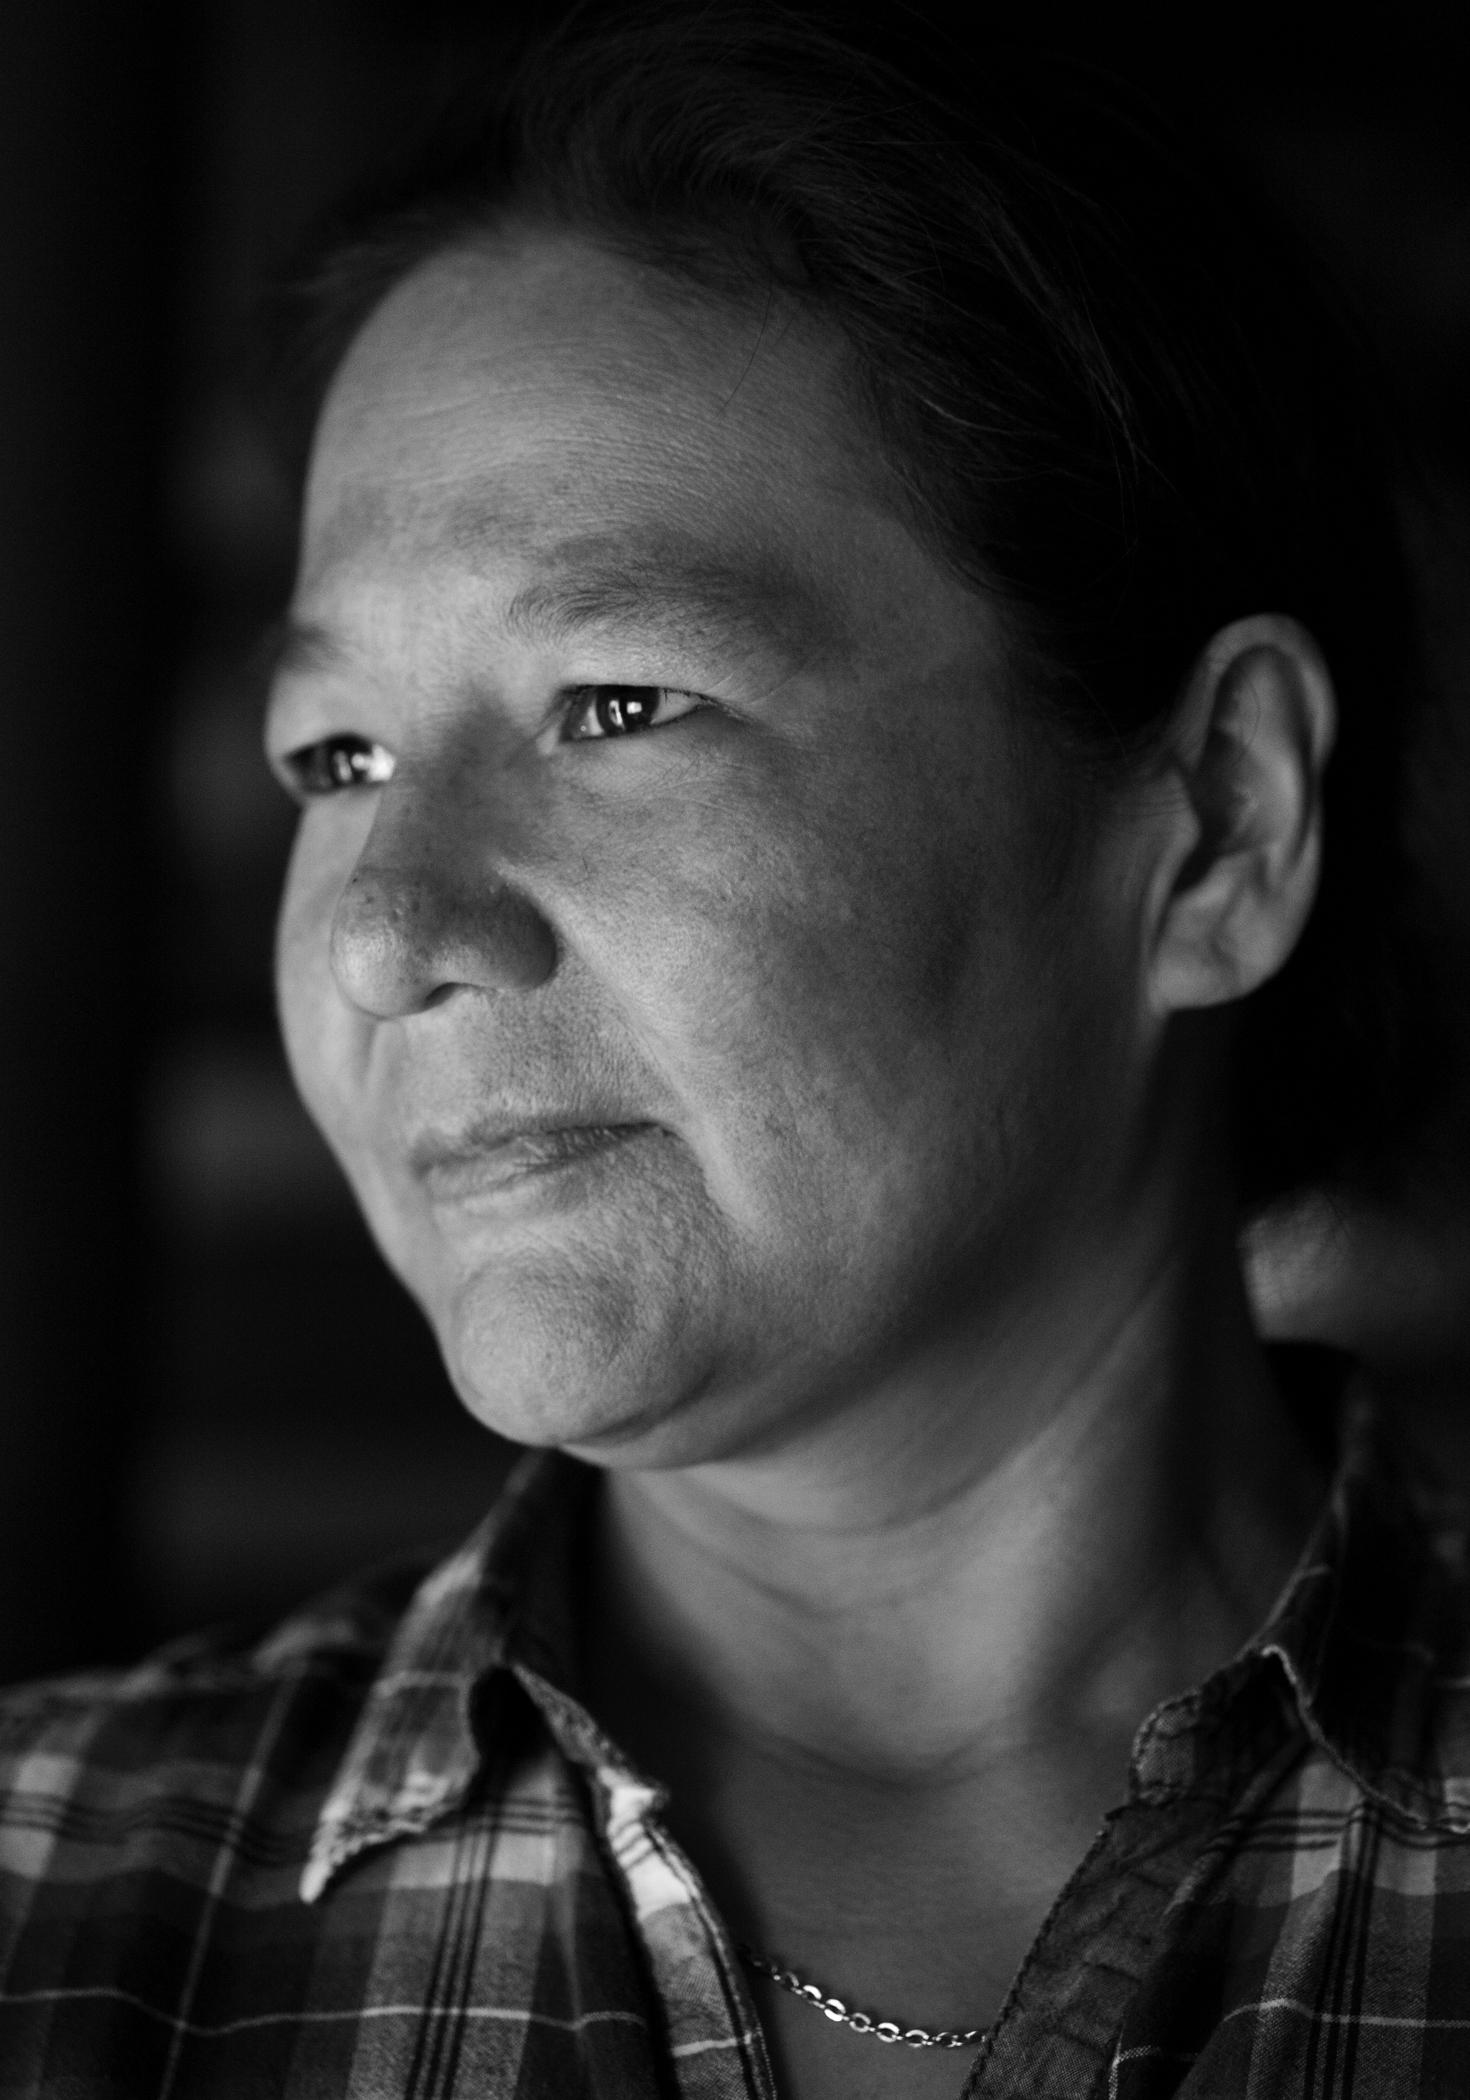 KCA-017 Ki-tah-pah-tumak aski ethinewak [keeper of the land] Kathleen, Nisichawayasihk Cree Nation, 2016, AP.jpg